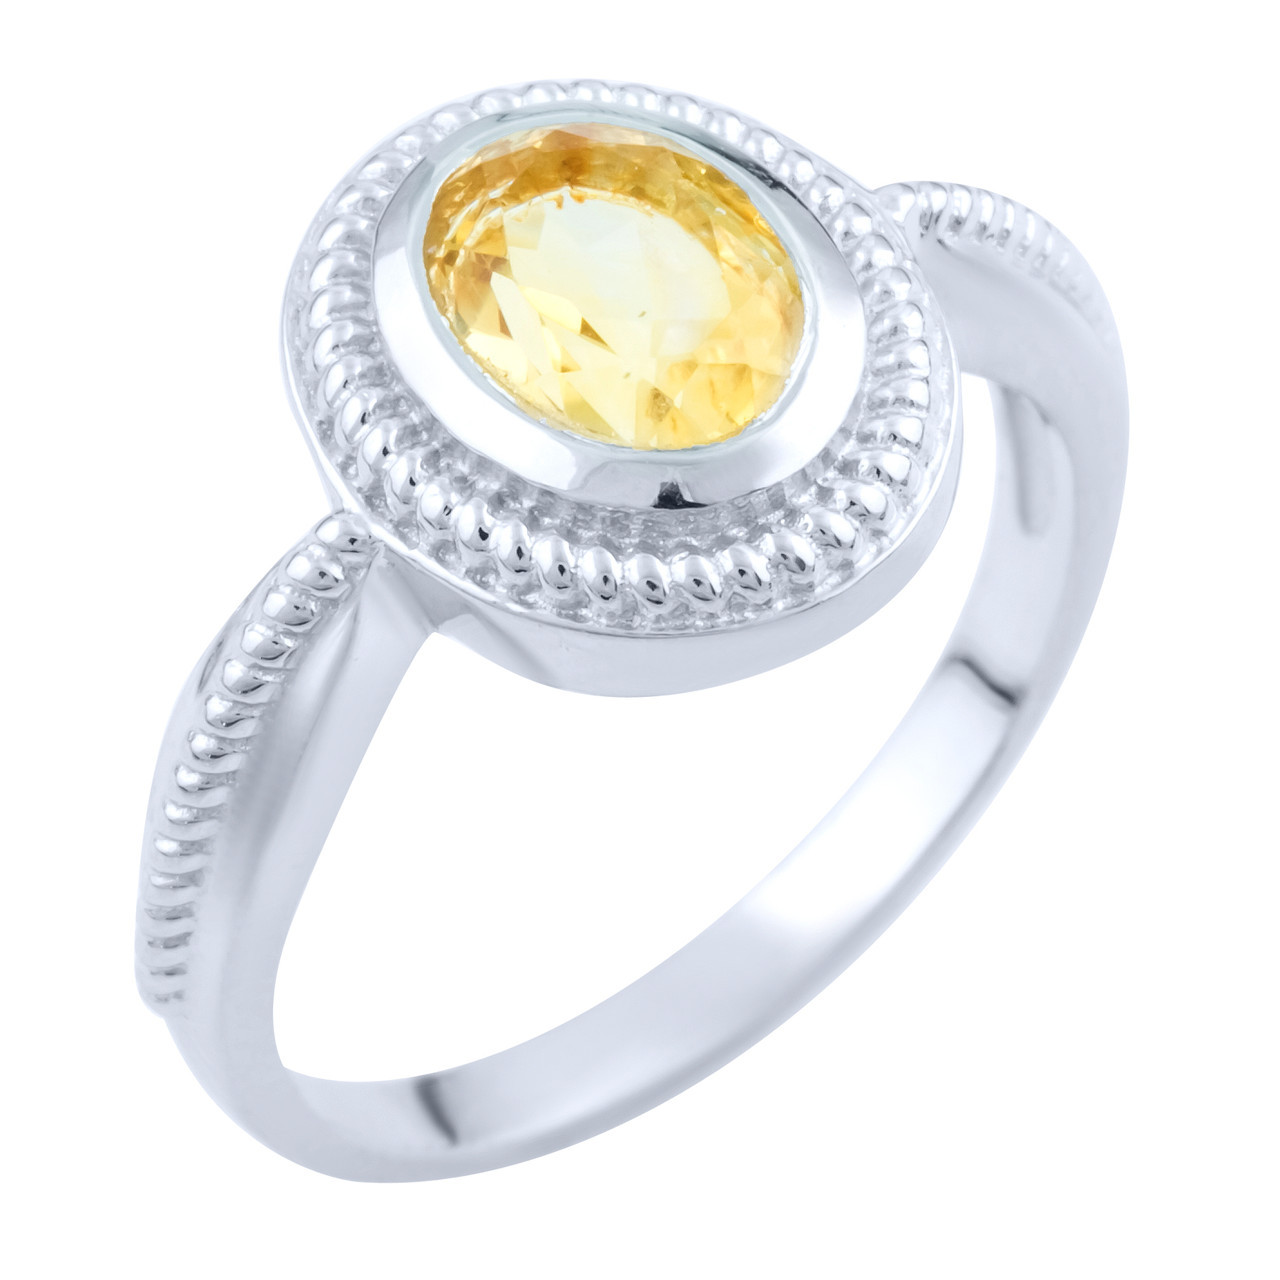 Родированное серебряное кольцо 925 пробы с натуральным цитрином